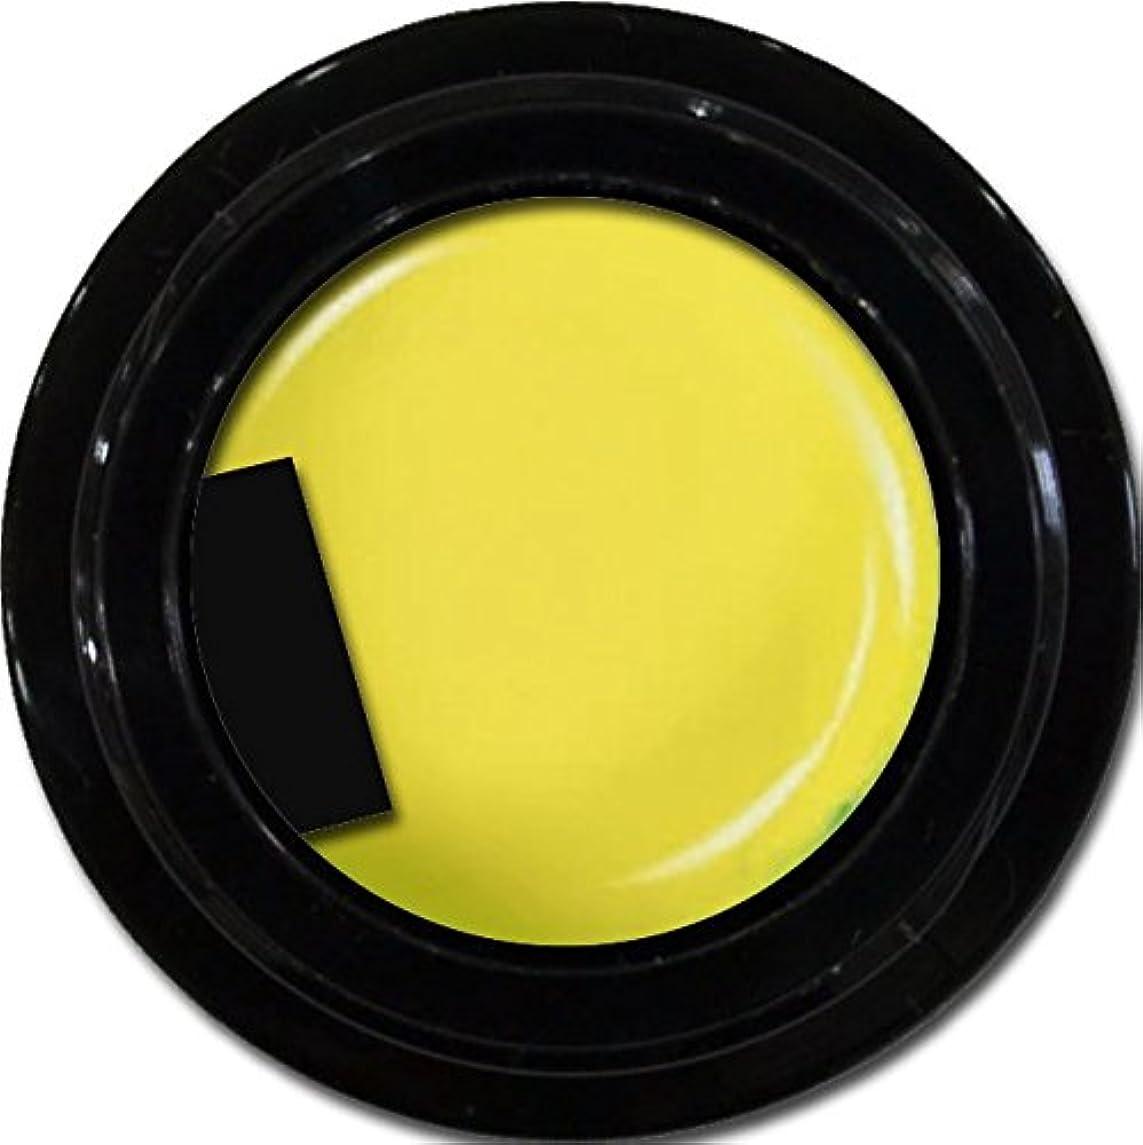 正規化付添人遺伝的カラージェル enchant color gel M602 MoroccoYellow 3g/ マットカラージェル M602 モロッコイエロー 3グラム